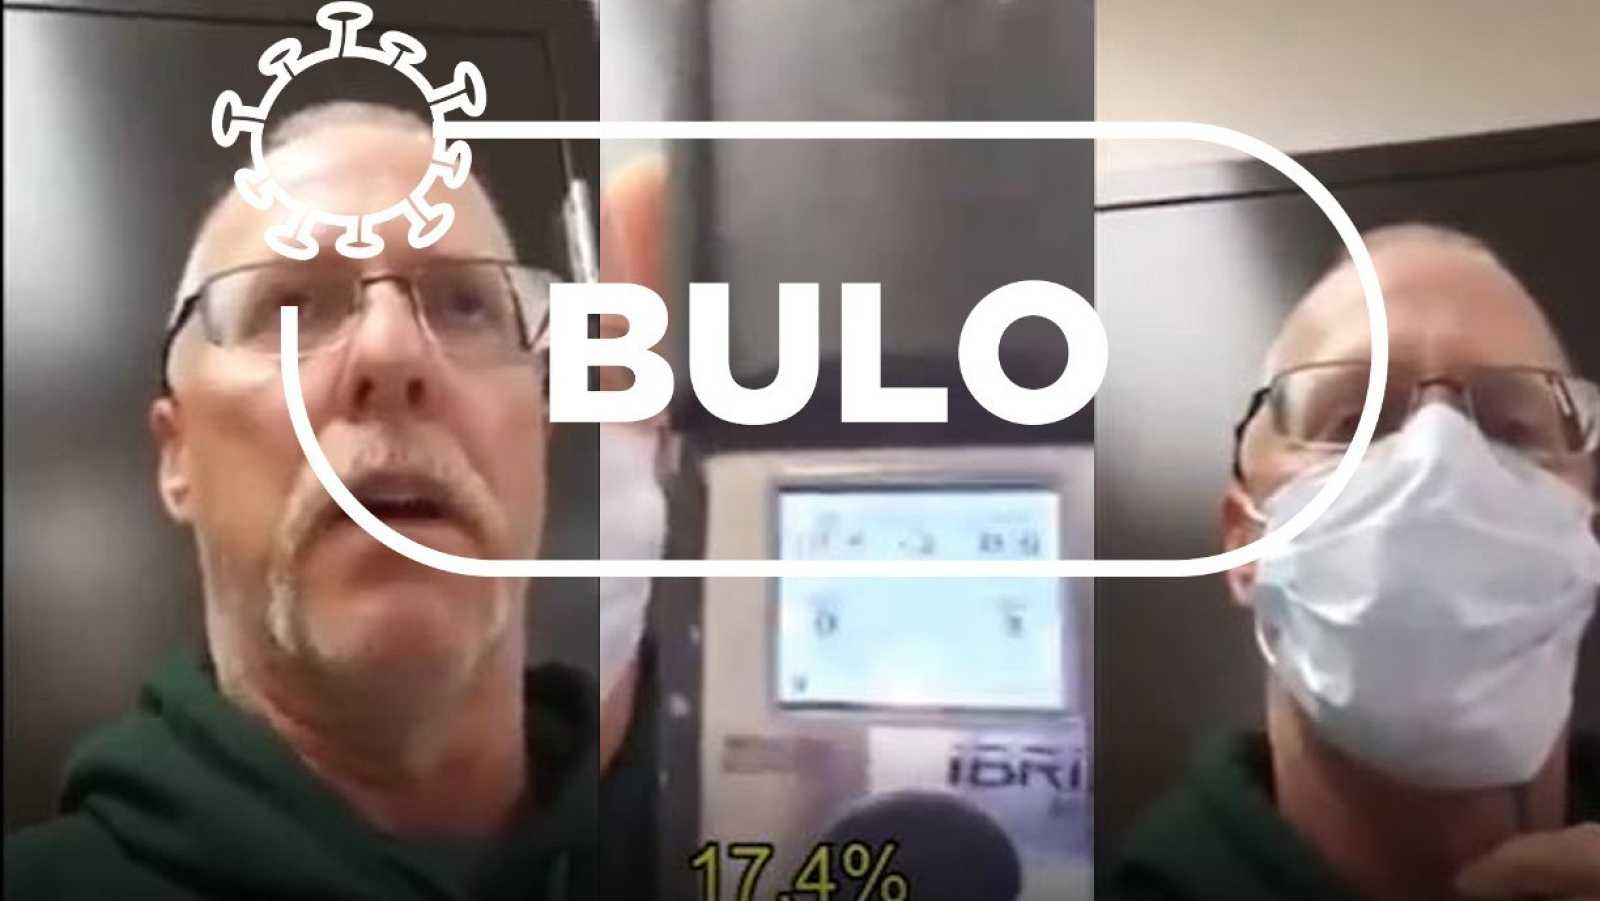 Montaje fotográfico con tres capturas del vídeo en el que un hombre asegura que las mascarillas reducen el nivel de oxígeno necesario para respirar con la palabra bulo de Verifica RTVE.